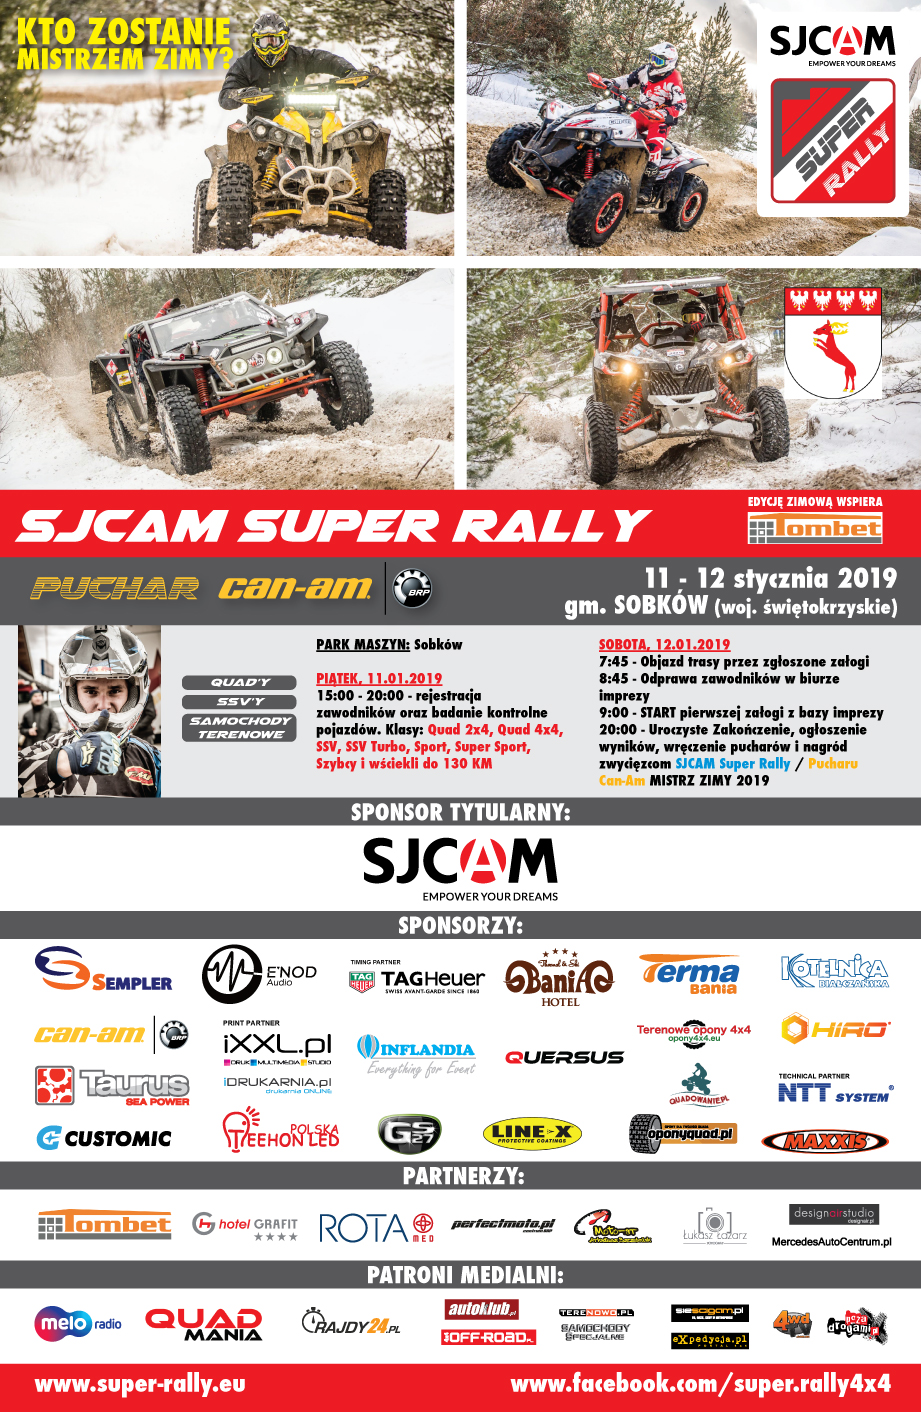 Rozpoczęcie Sezonu Sjcam Super Rally / Puchar Can Am